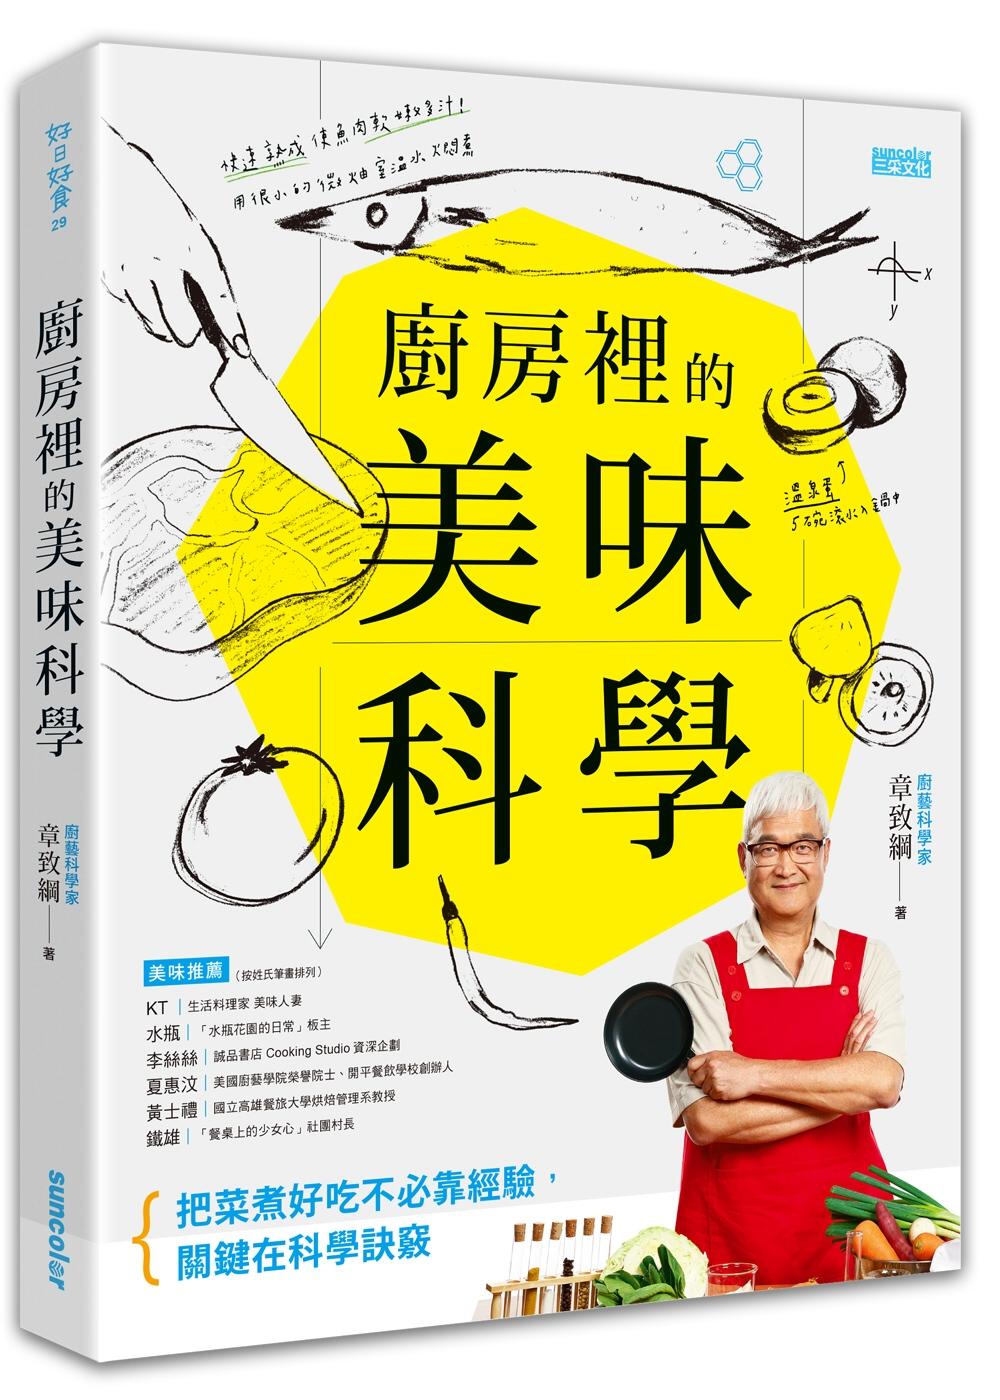 廚房裡的美味科學:把菜煮好吃不必靠經驗,關鍵在科學訣竅。